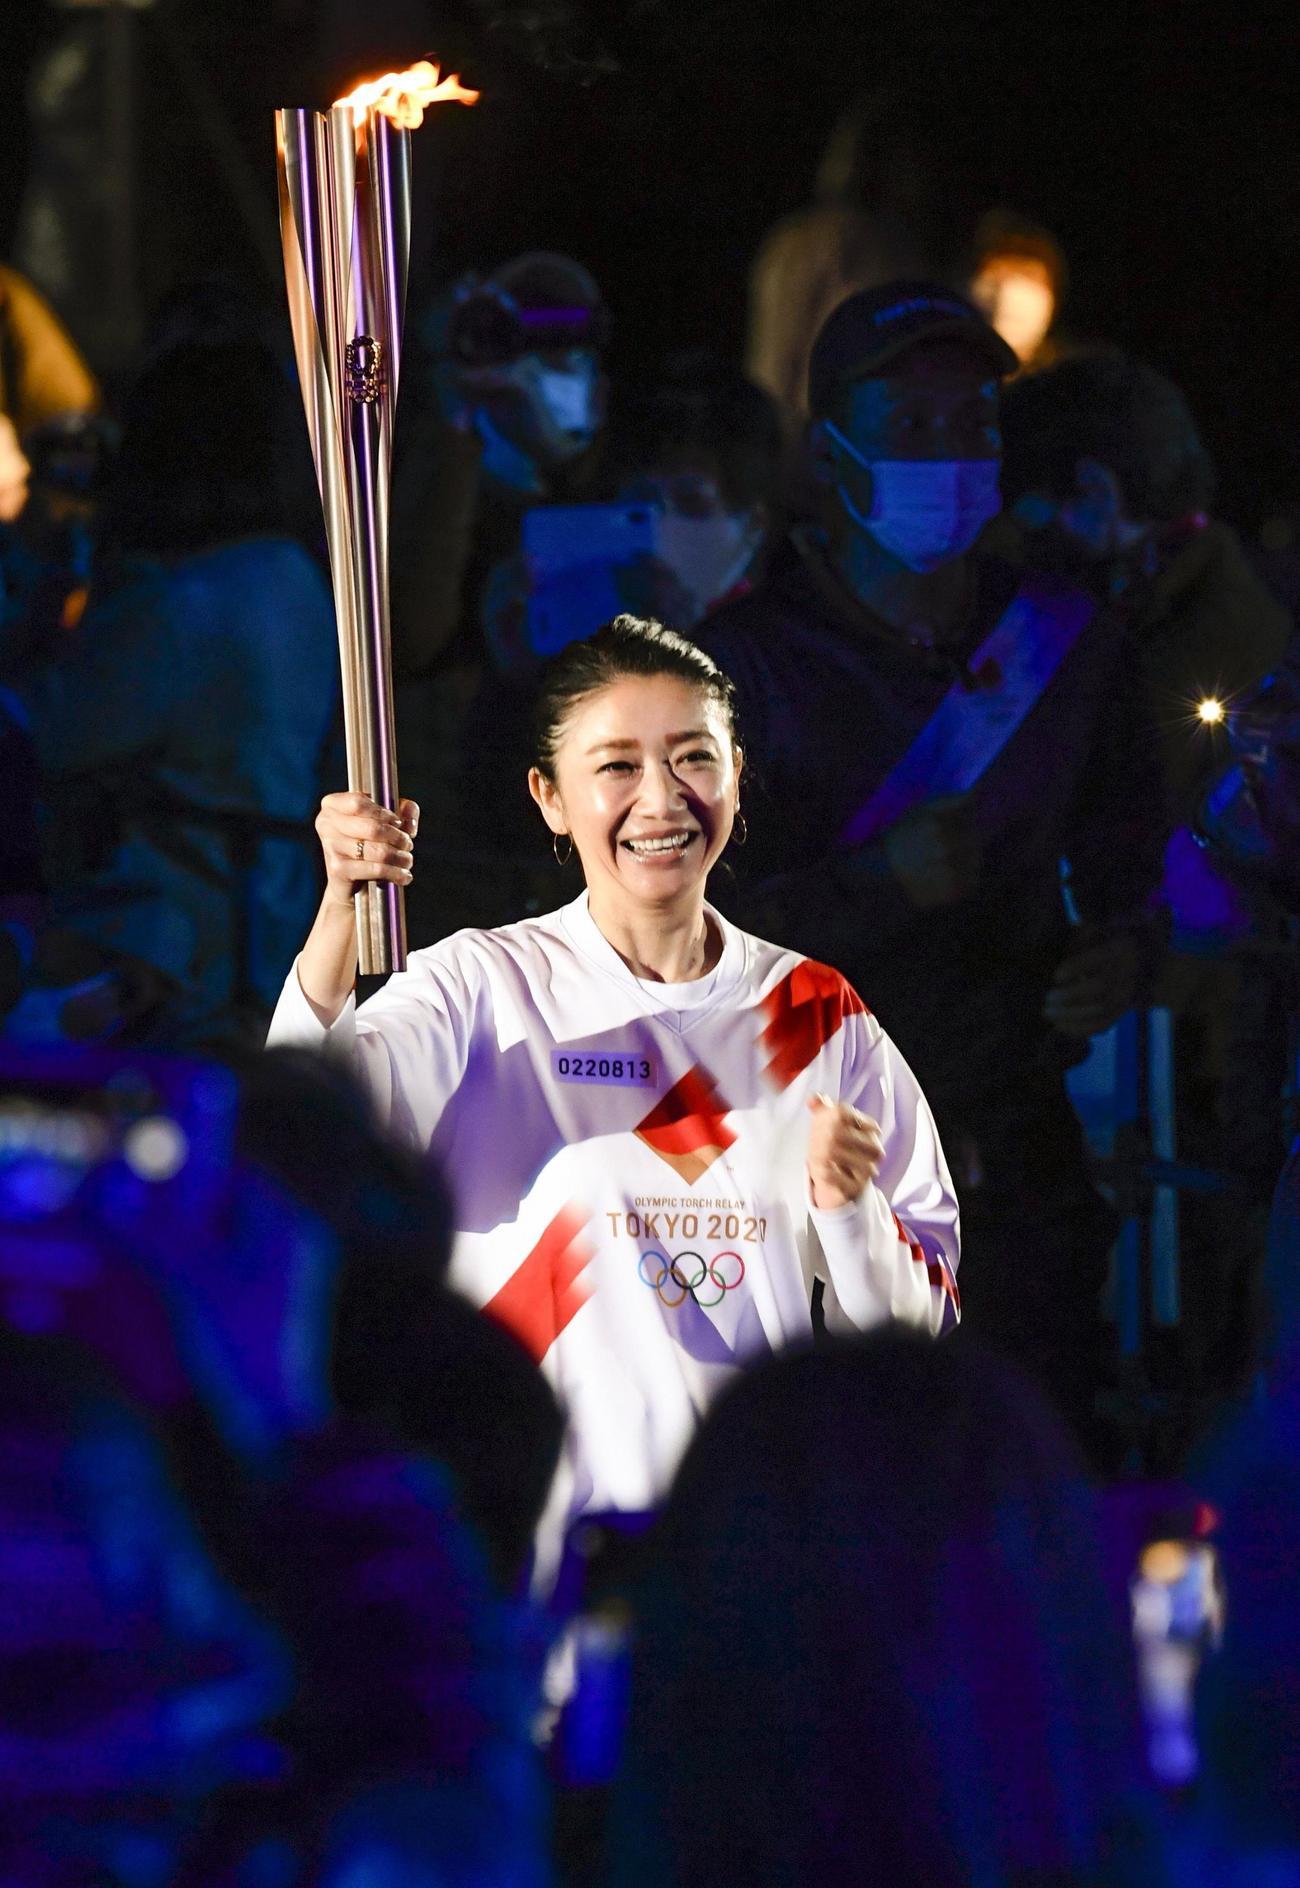 徳島県鳴門市で聖火のトーチを掲げ走る最終ランナーの市橋有里さん